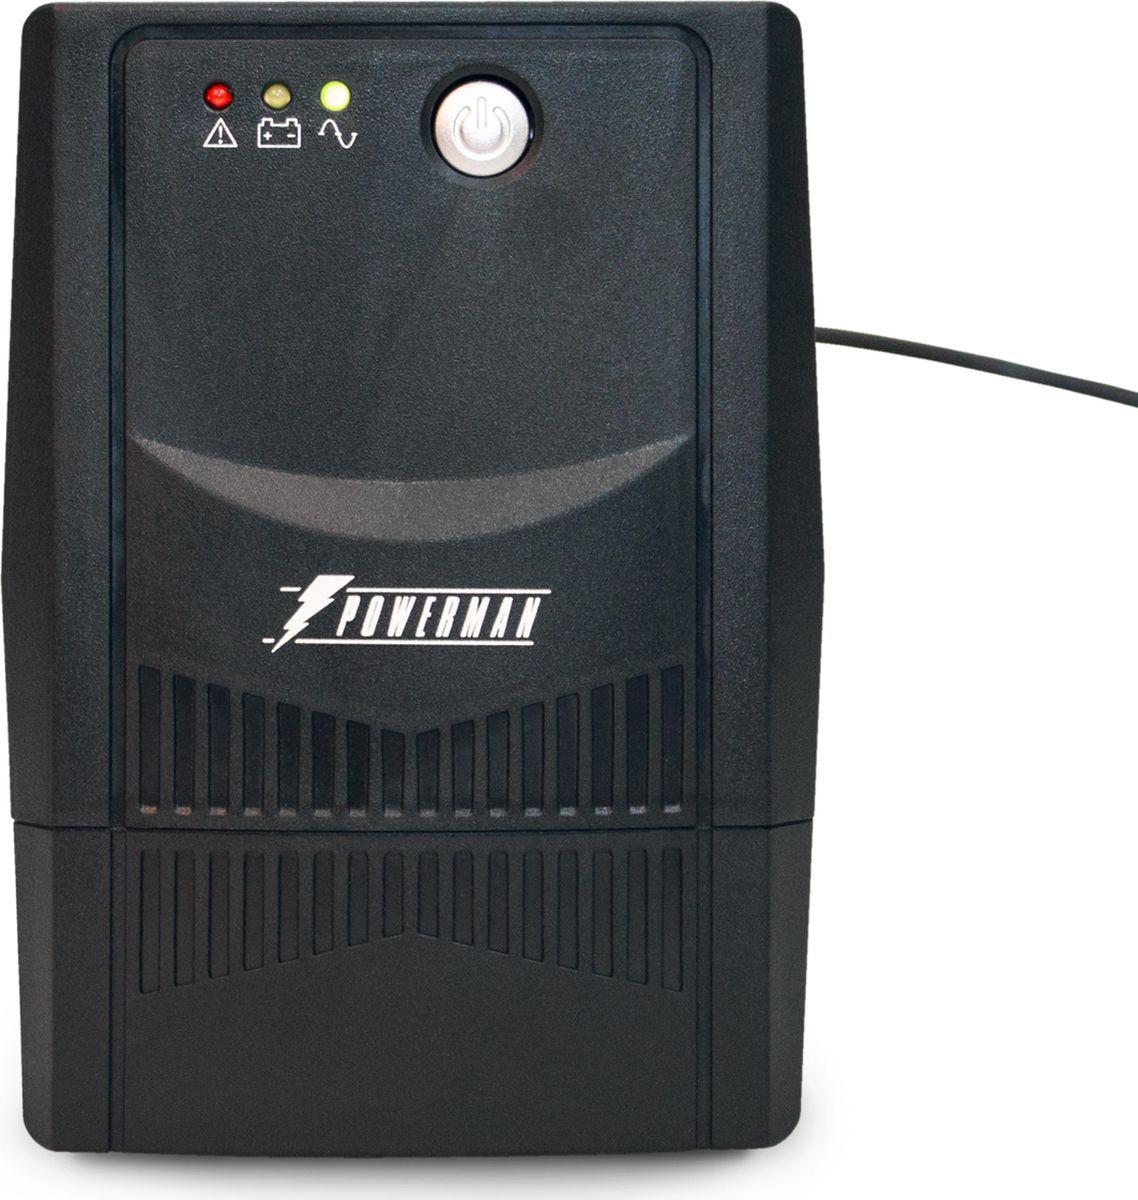 Источник бесперебойного питания Powerman  UPS Вack Pro 800 Plus, 800 ВА - Источники бесперебойного питания (UPS)